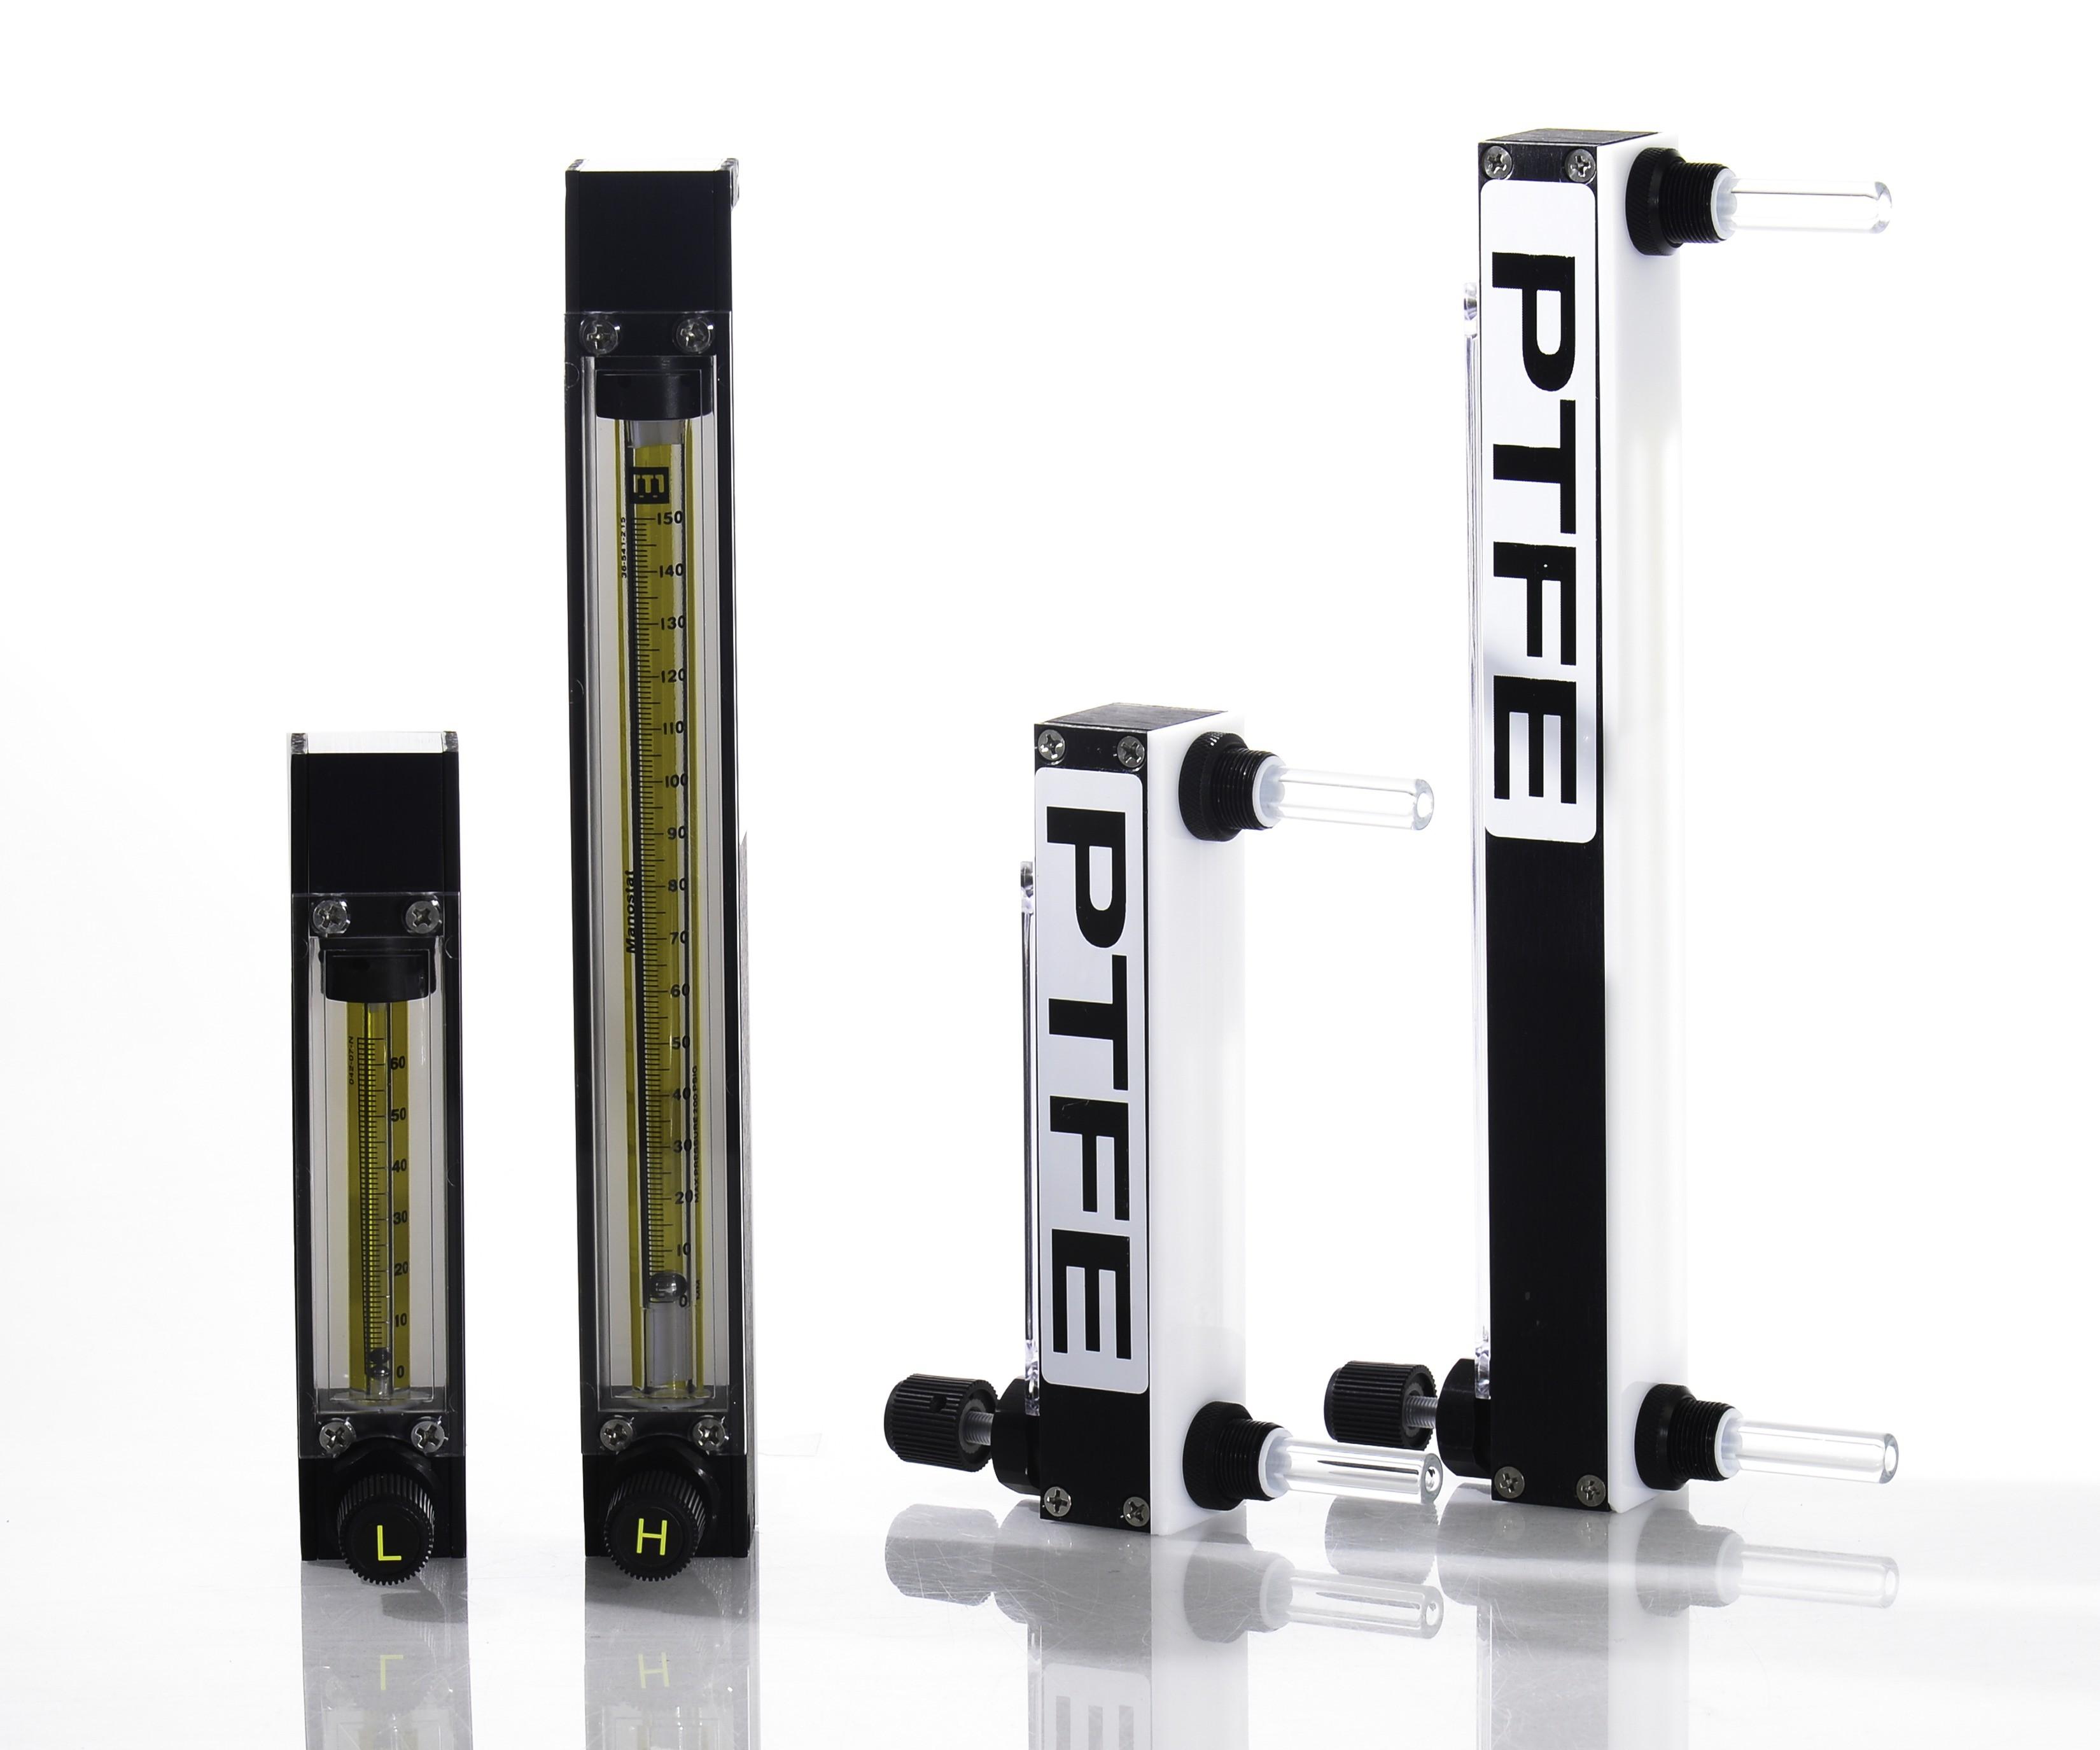 Riteflow PTFE Mounted Flowmeters